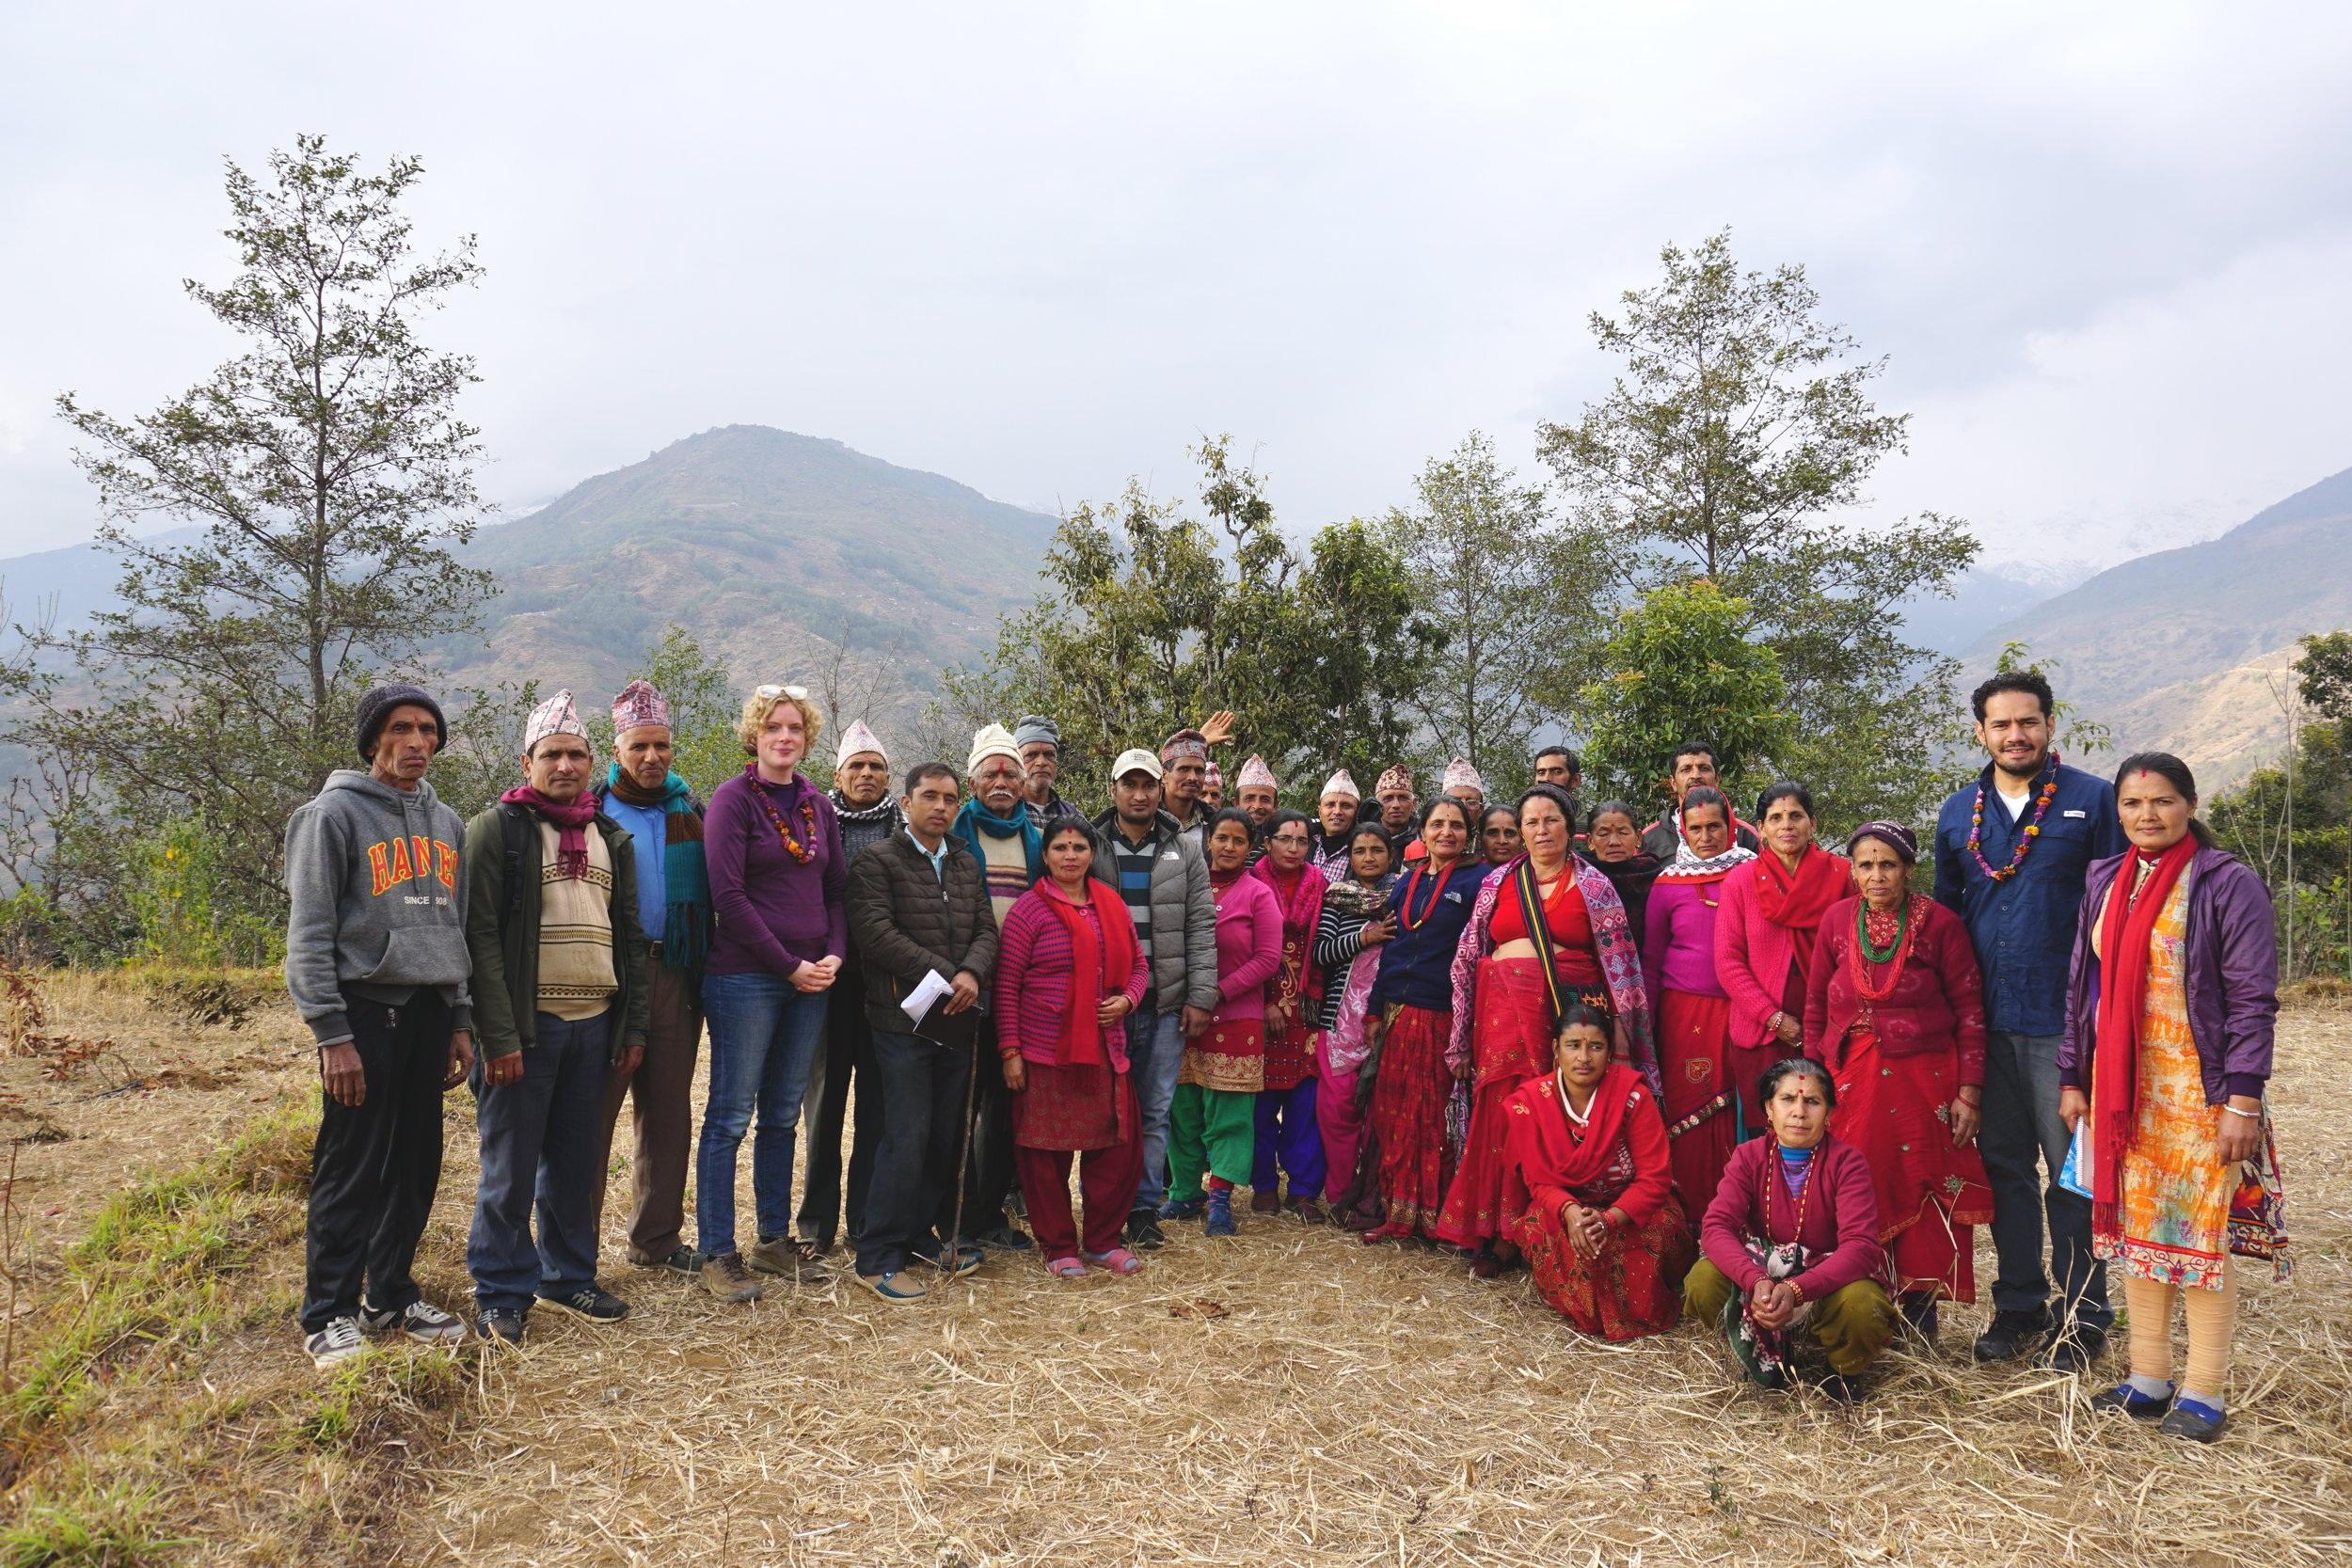 Cafeólogo Nepal